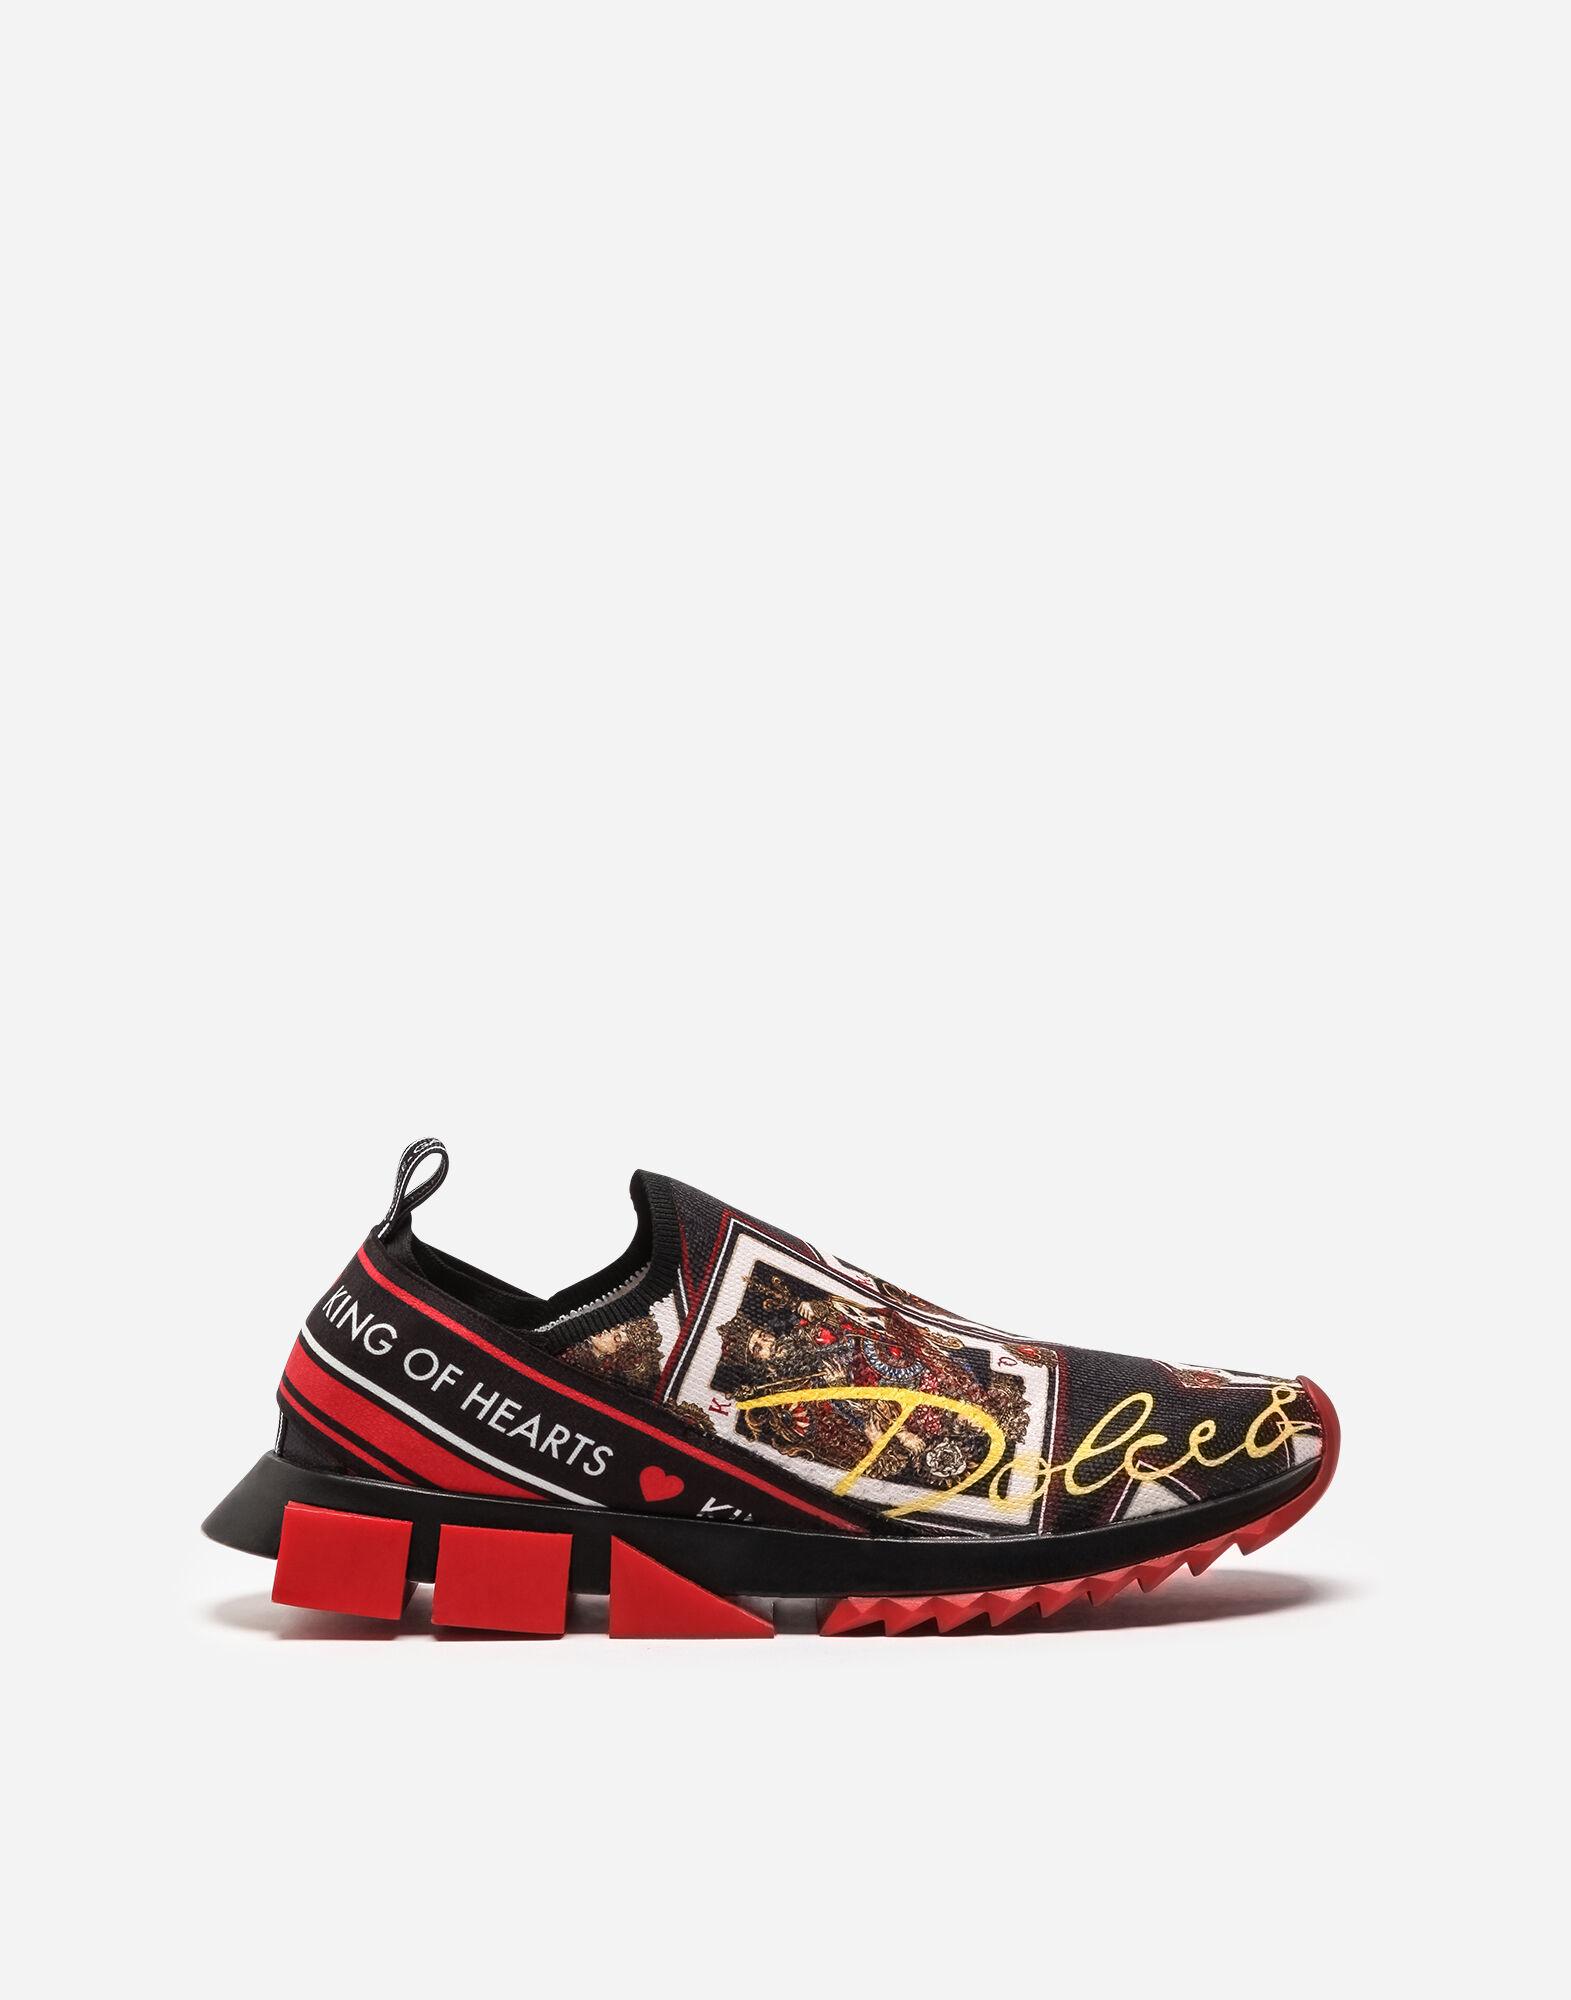 Multicolores Chaussures Dolce & Gabbana Pour Les Hommes DZGP9UFSF